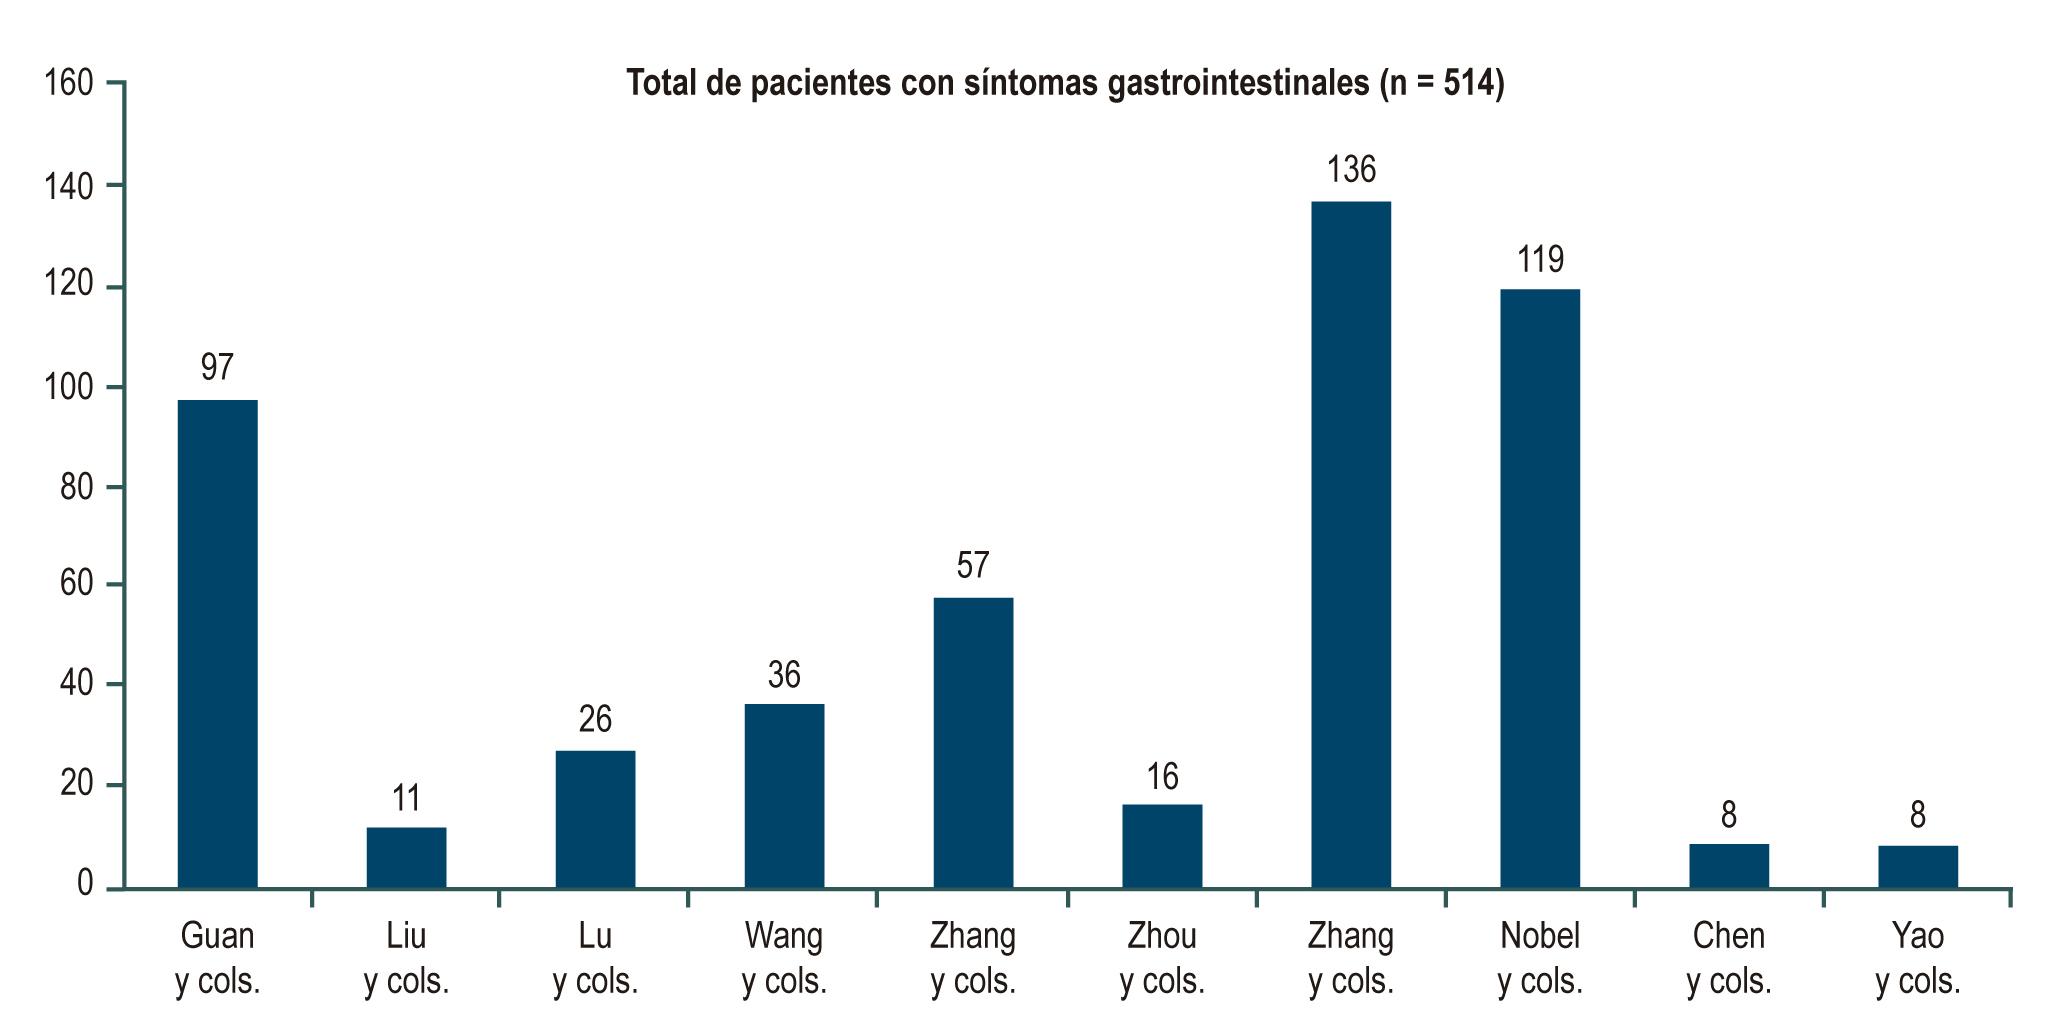 Figura 1. Total de pacientes con síntomas gastrointestinales según los estudios.